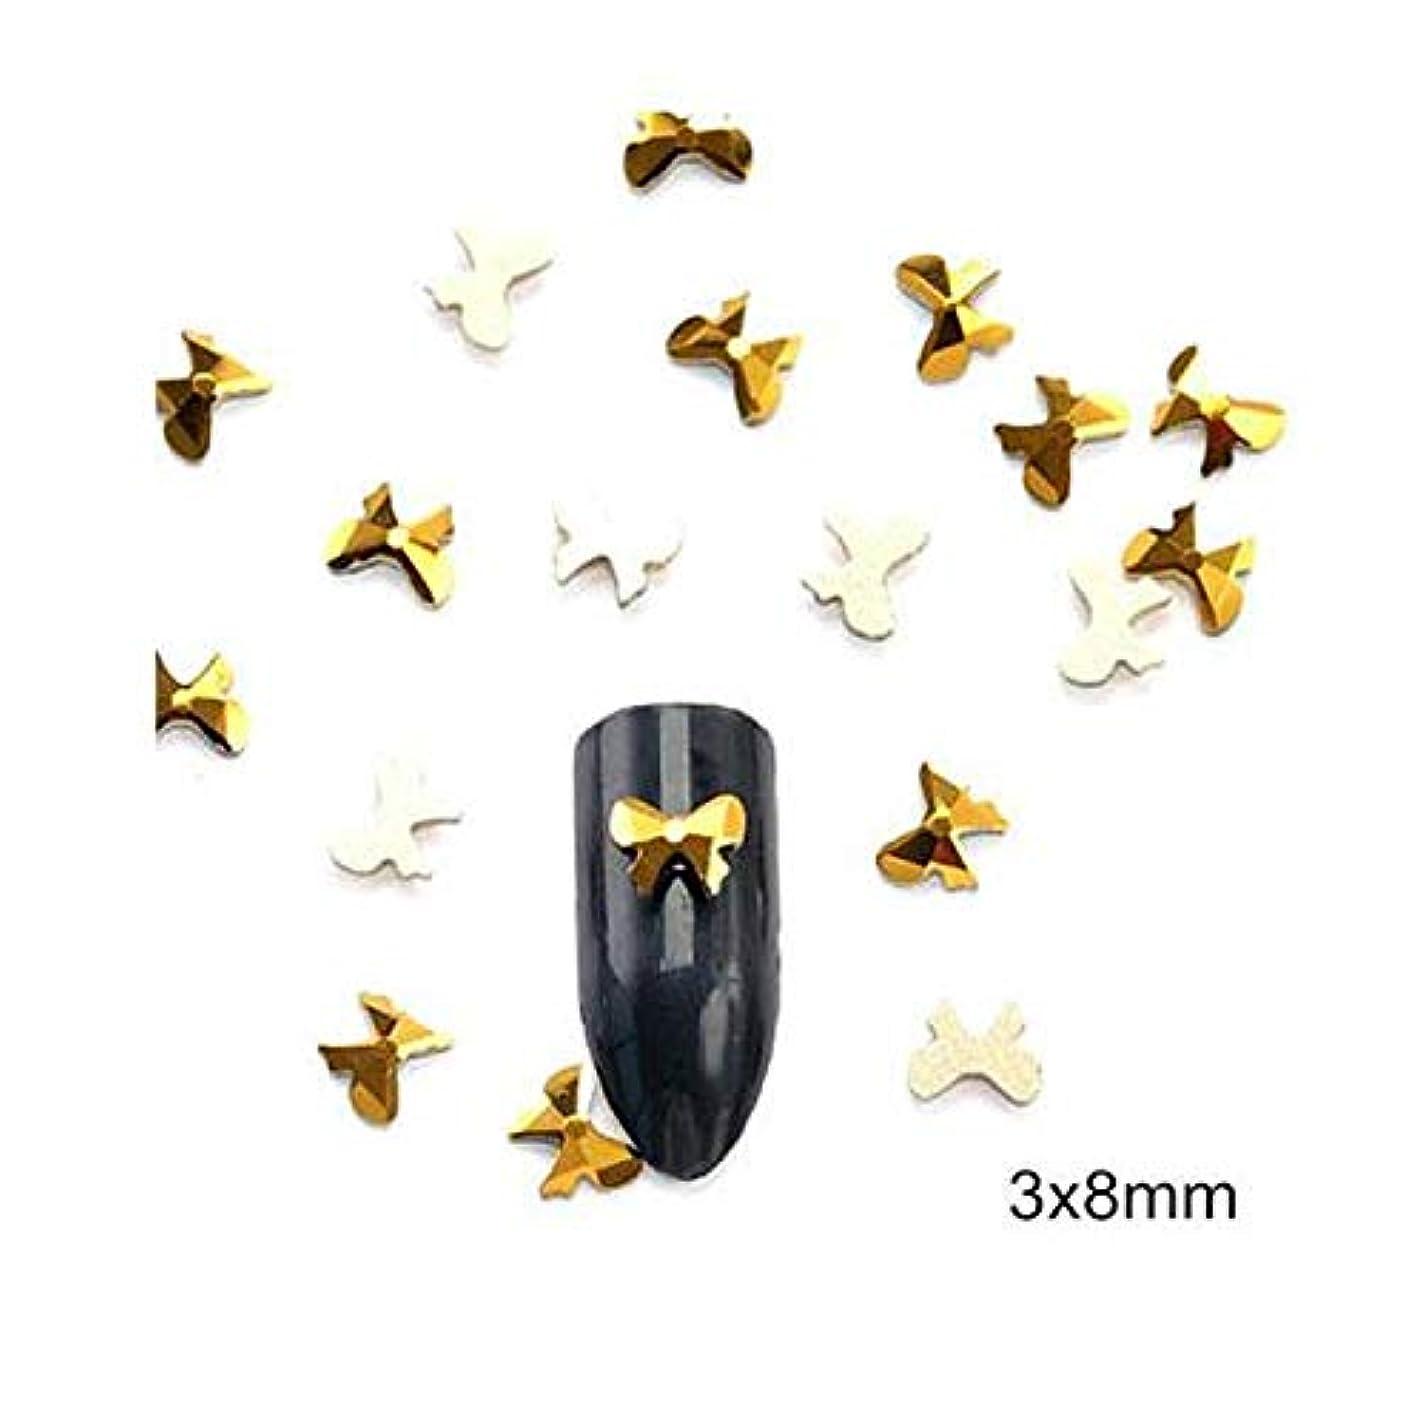 フィクション宿名詞Flysea ダイヤモンドゴールド完全な形のネイルステッカースーパーフラッシュネイルジュエリーフラットドリルはネイルズアートの装飾結晶が設定したドリル(12グリッドボックス) (色 : Bow 10PCS)